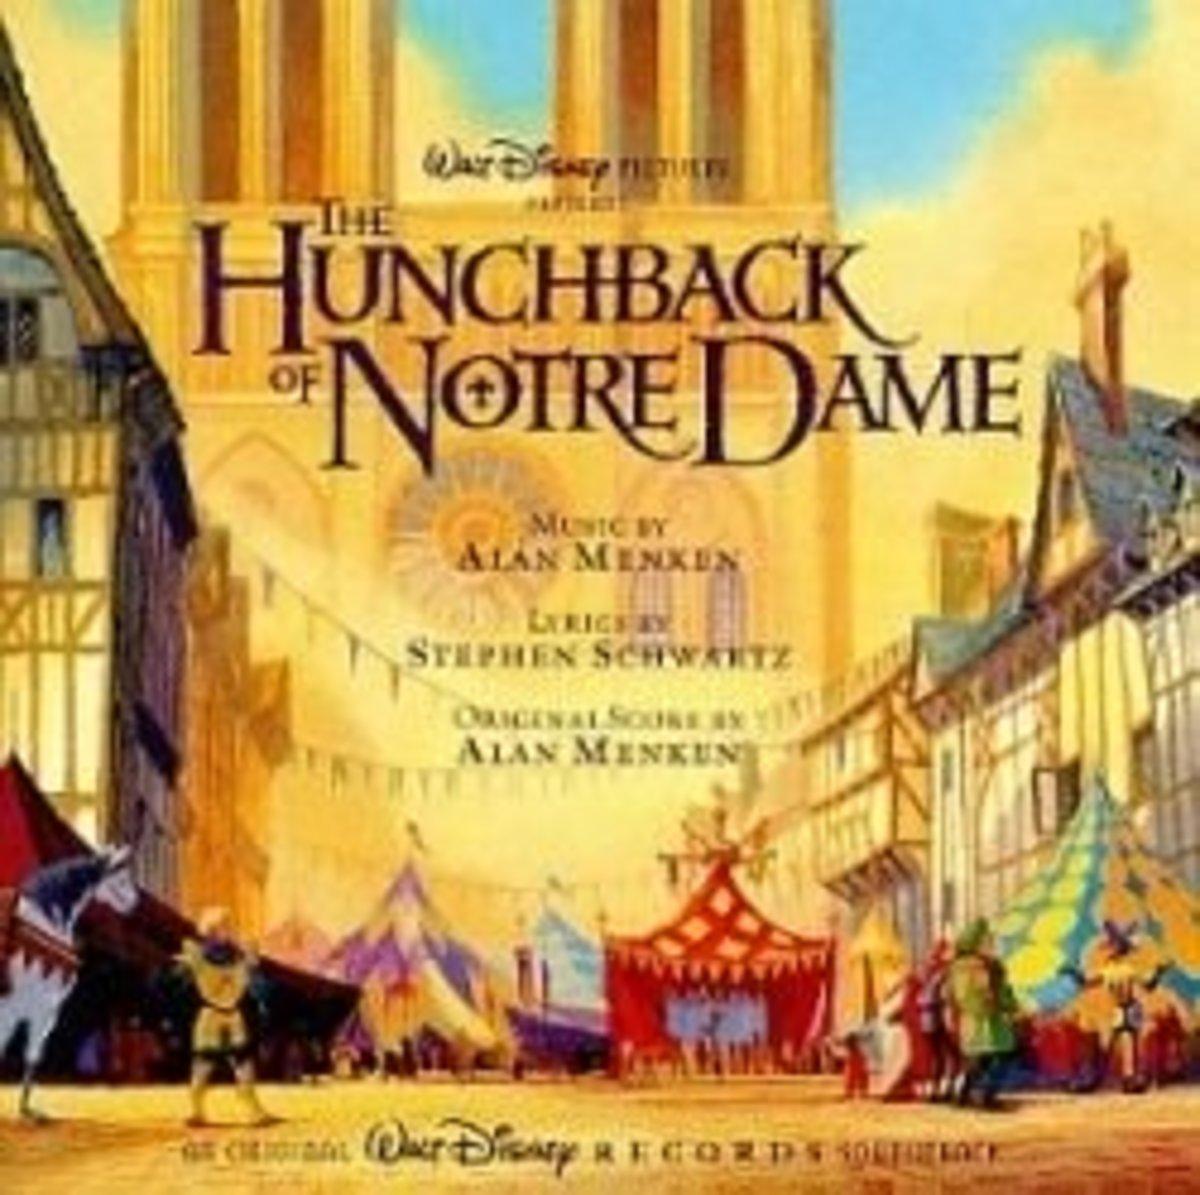 Hunchback of Notre Dame Soundtrack